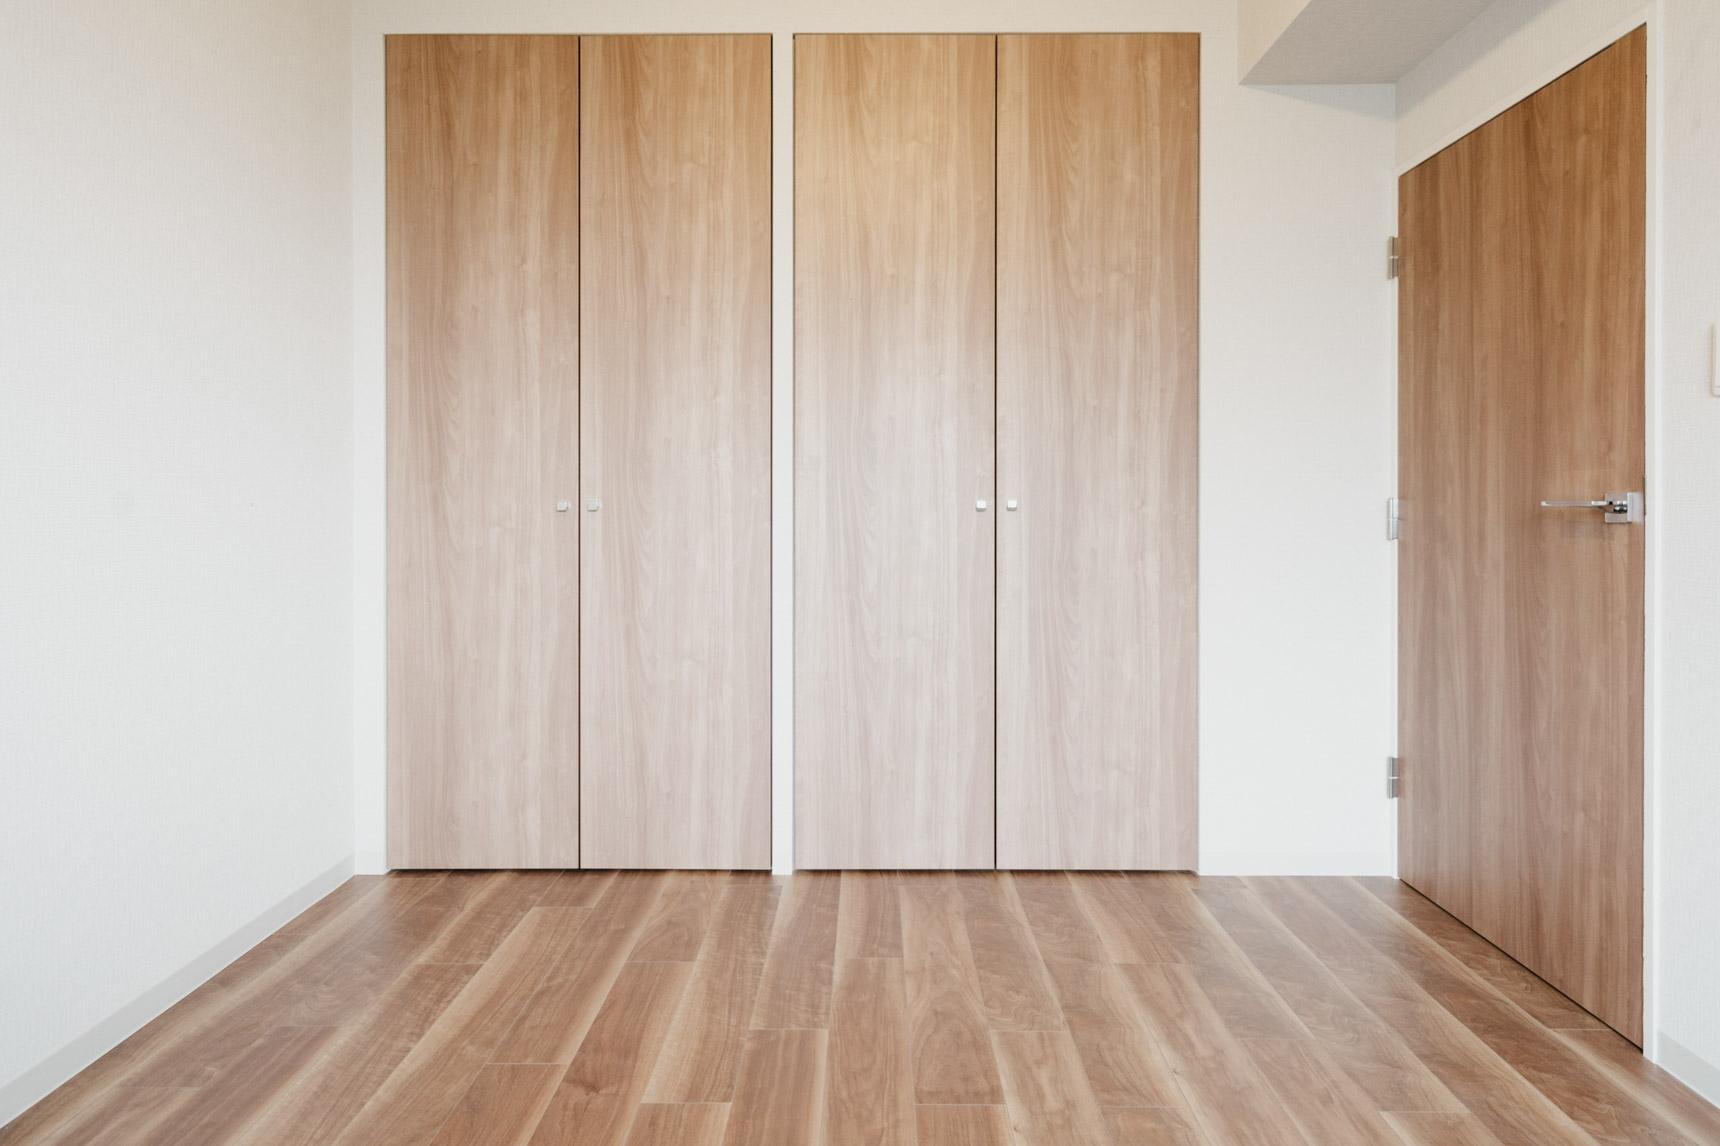 さらに2部屋ある居室は全てフローリング。こちらも、ドアやクローゼット扉まで統一されたデザインなので、気持ちの良い空間になっていますね。